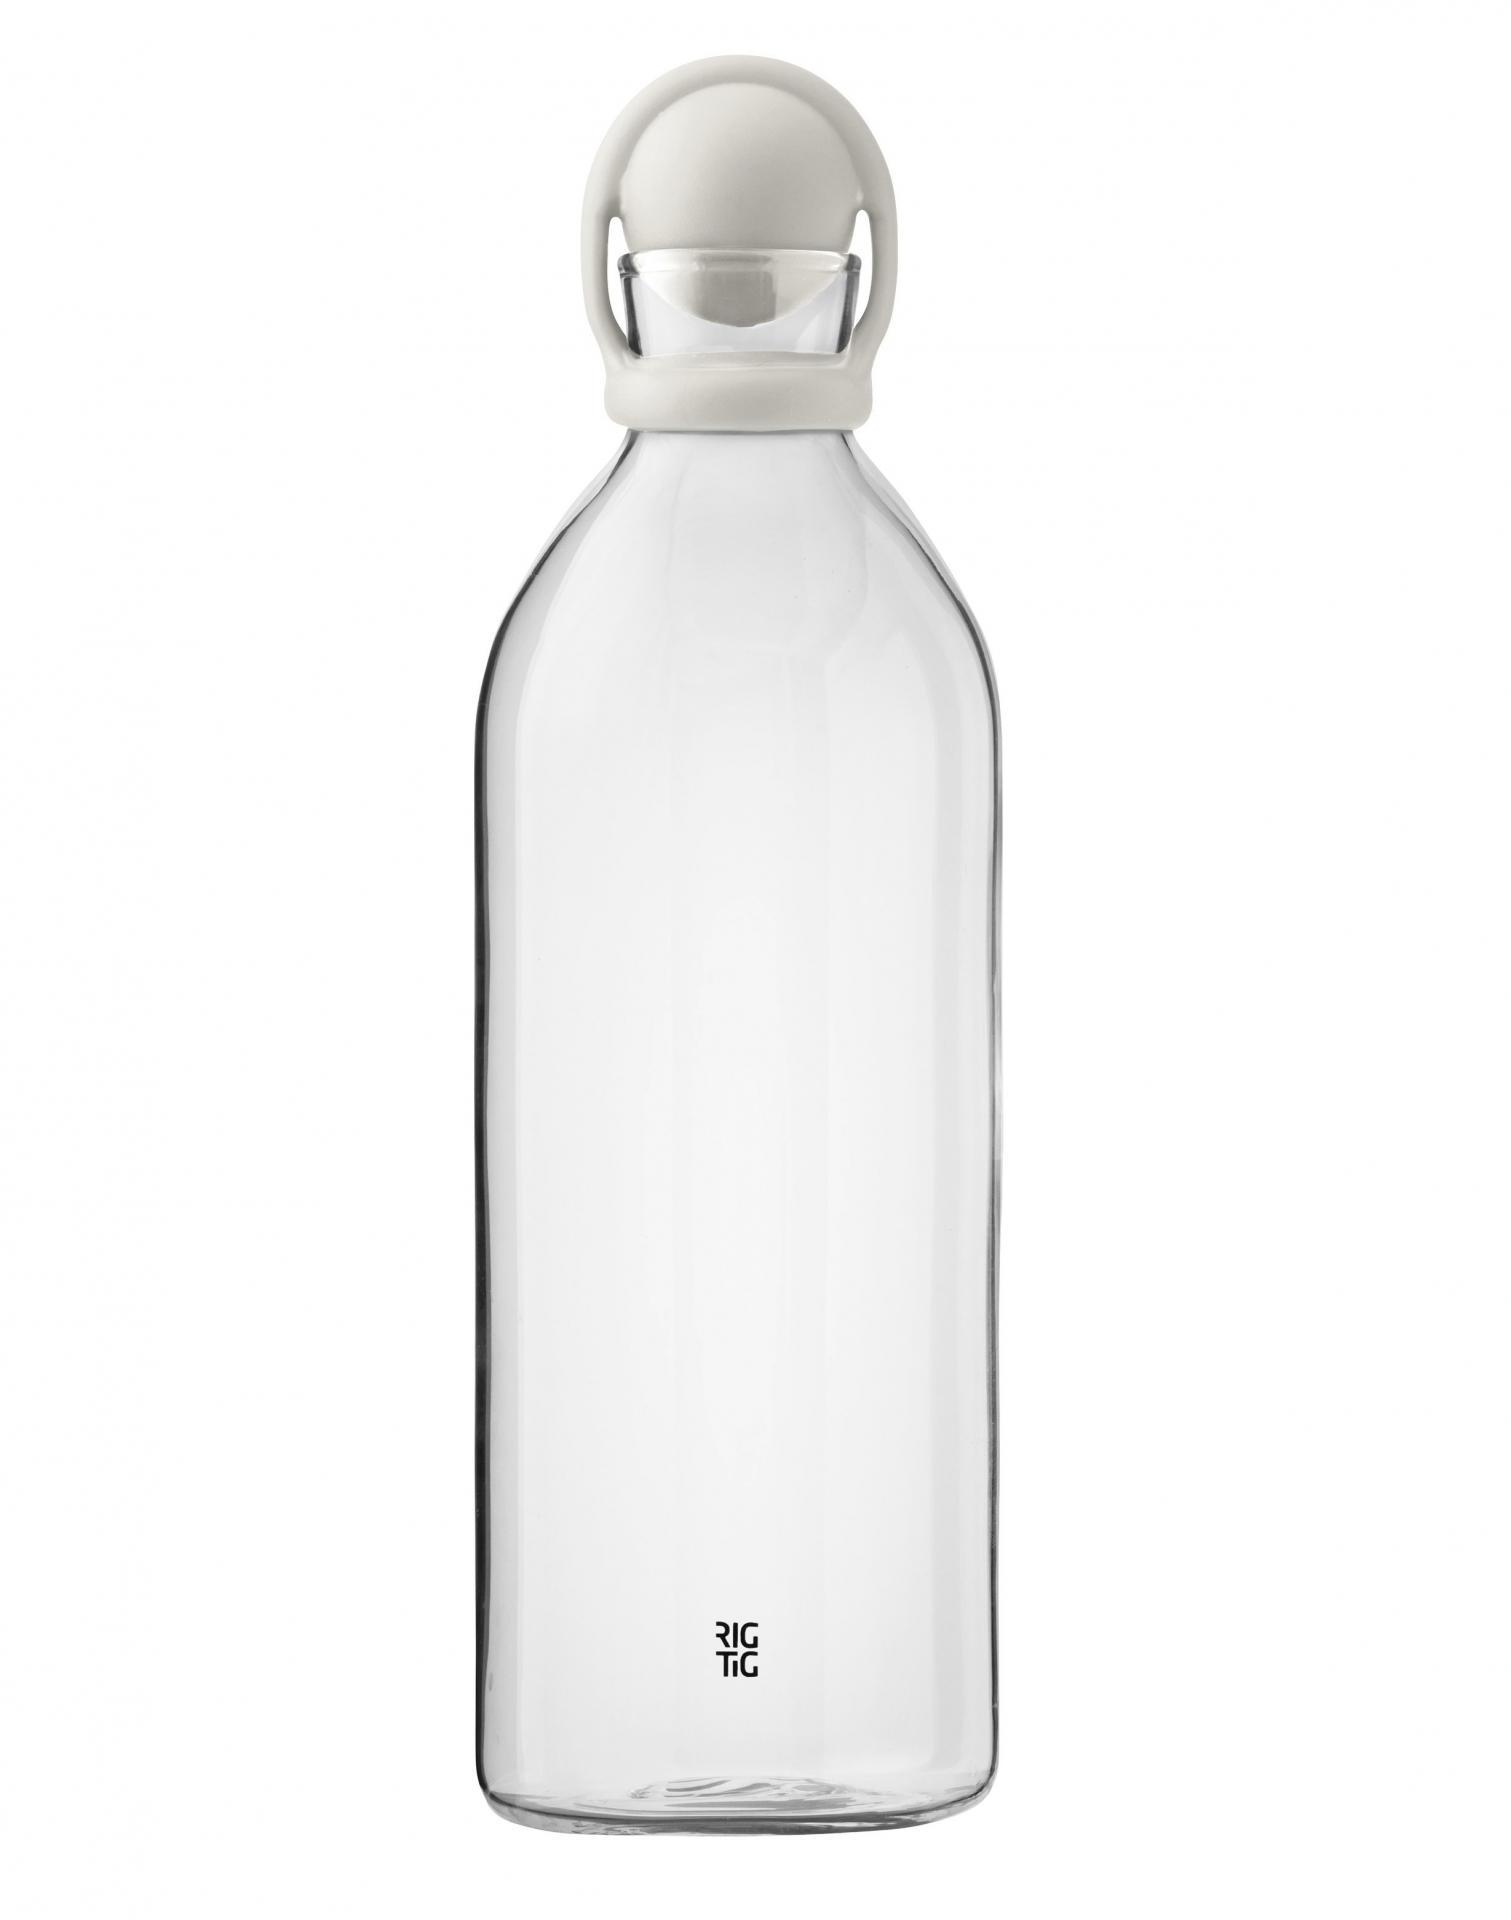 RIG-TIG Skleněná karafa Cool-it Grey, šedá barva, čirá barva, sklo, plast